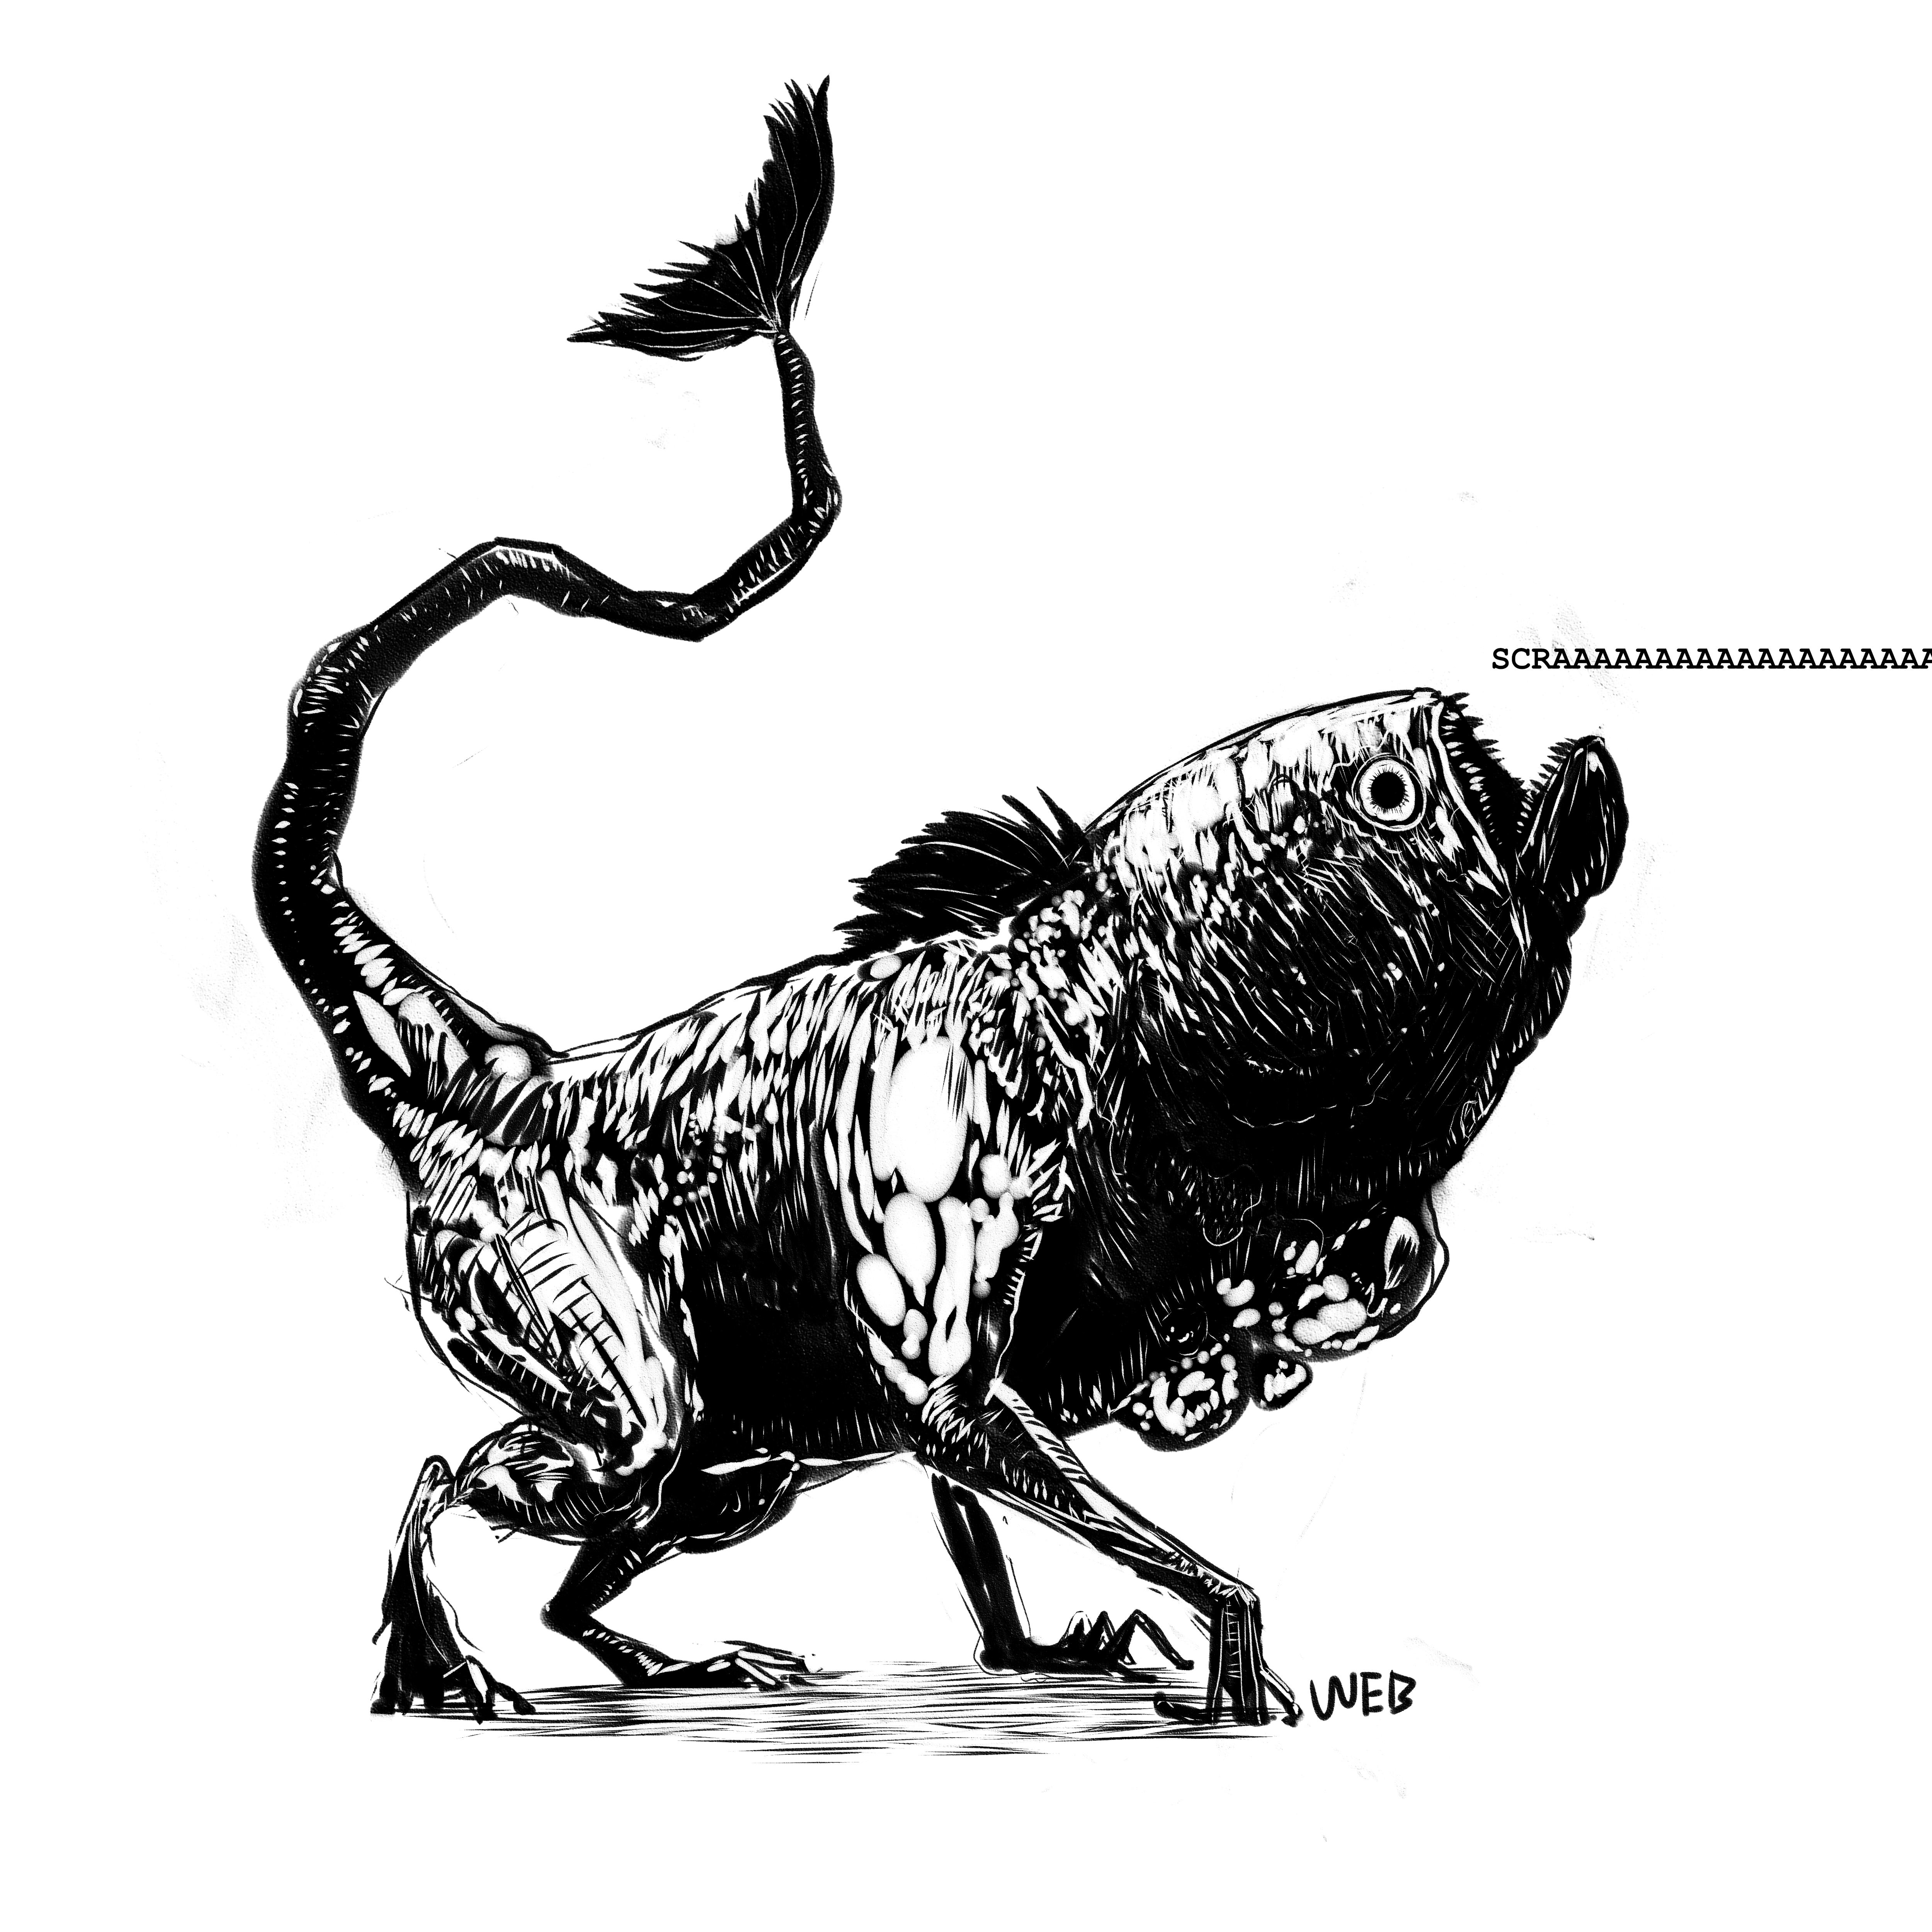 Piranah pup